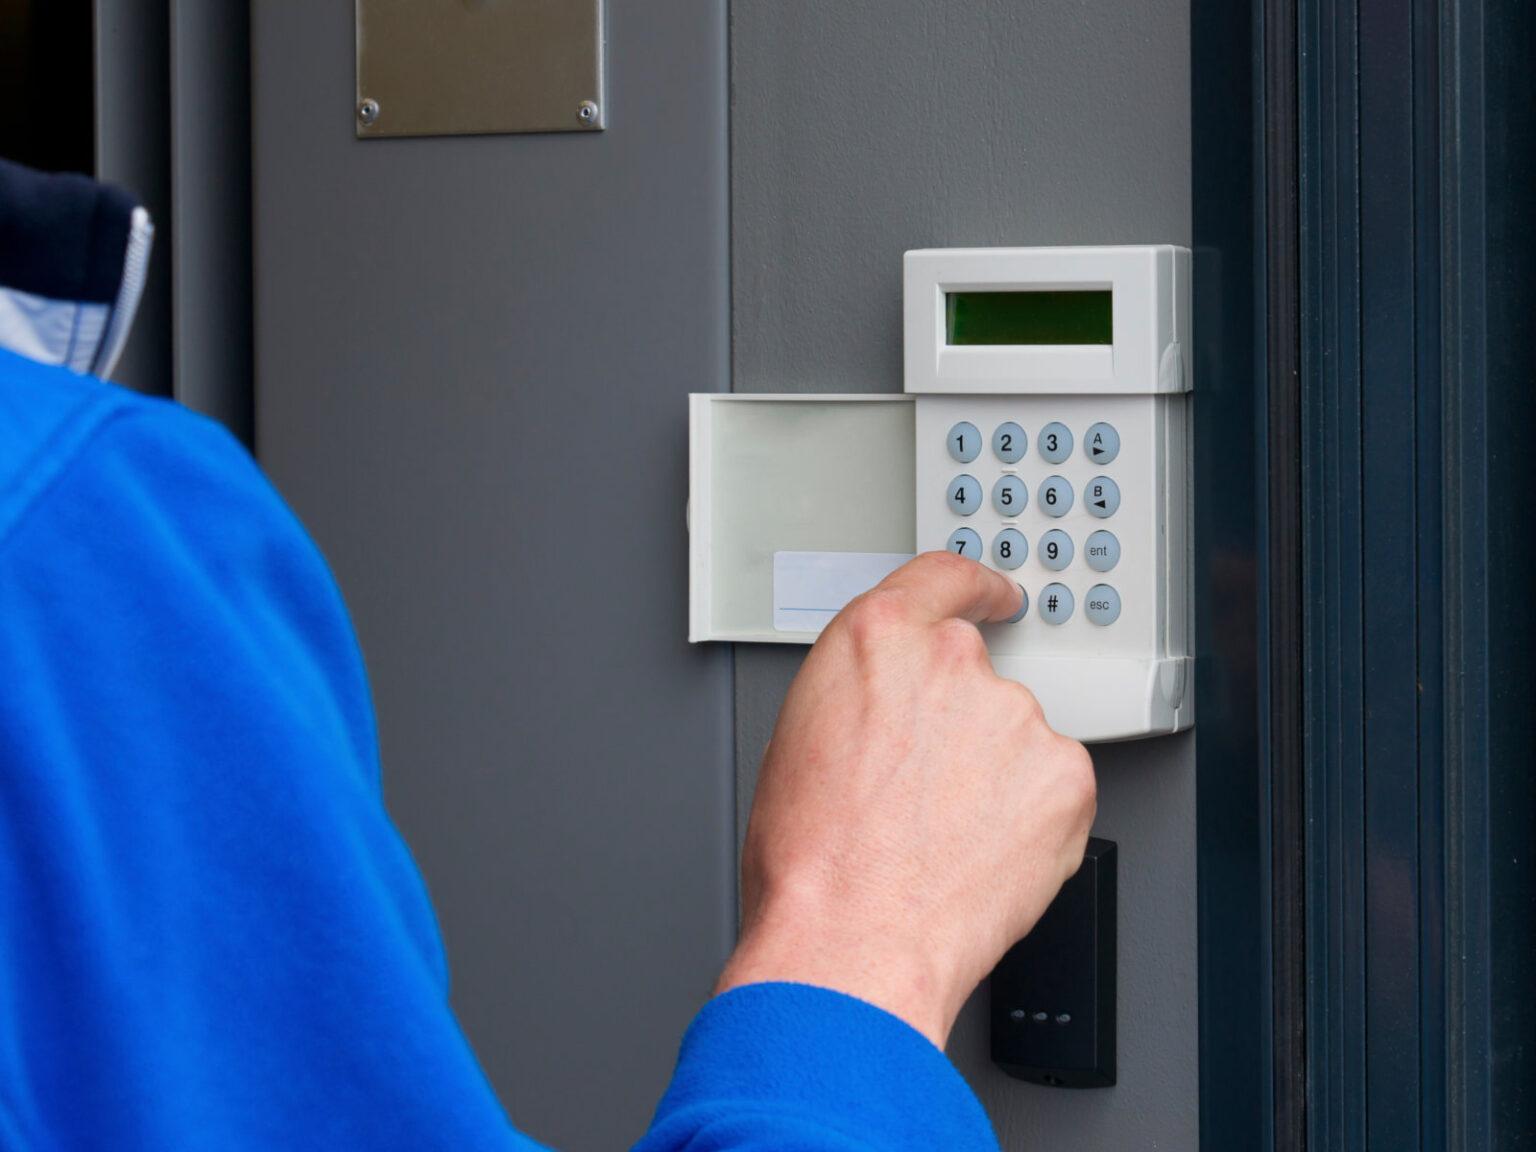 Установка, обслуживание и монтаж систем безопасности